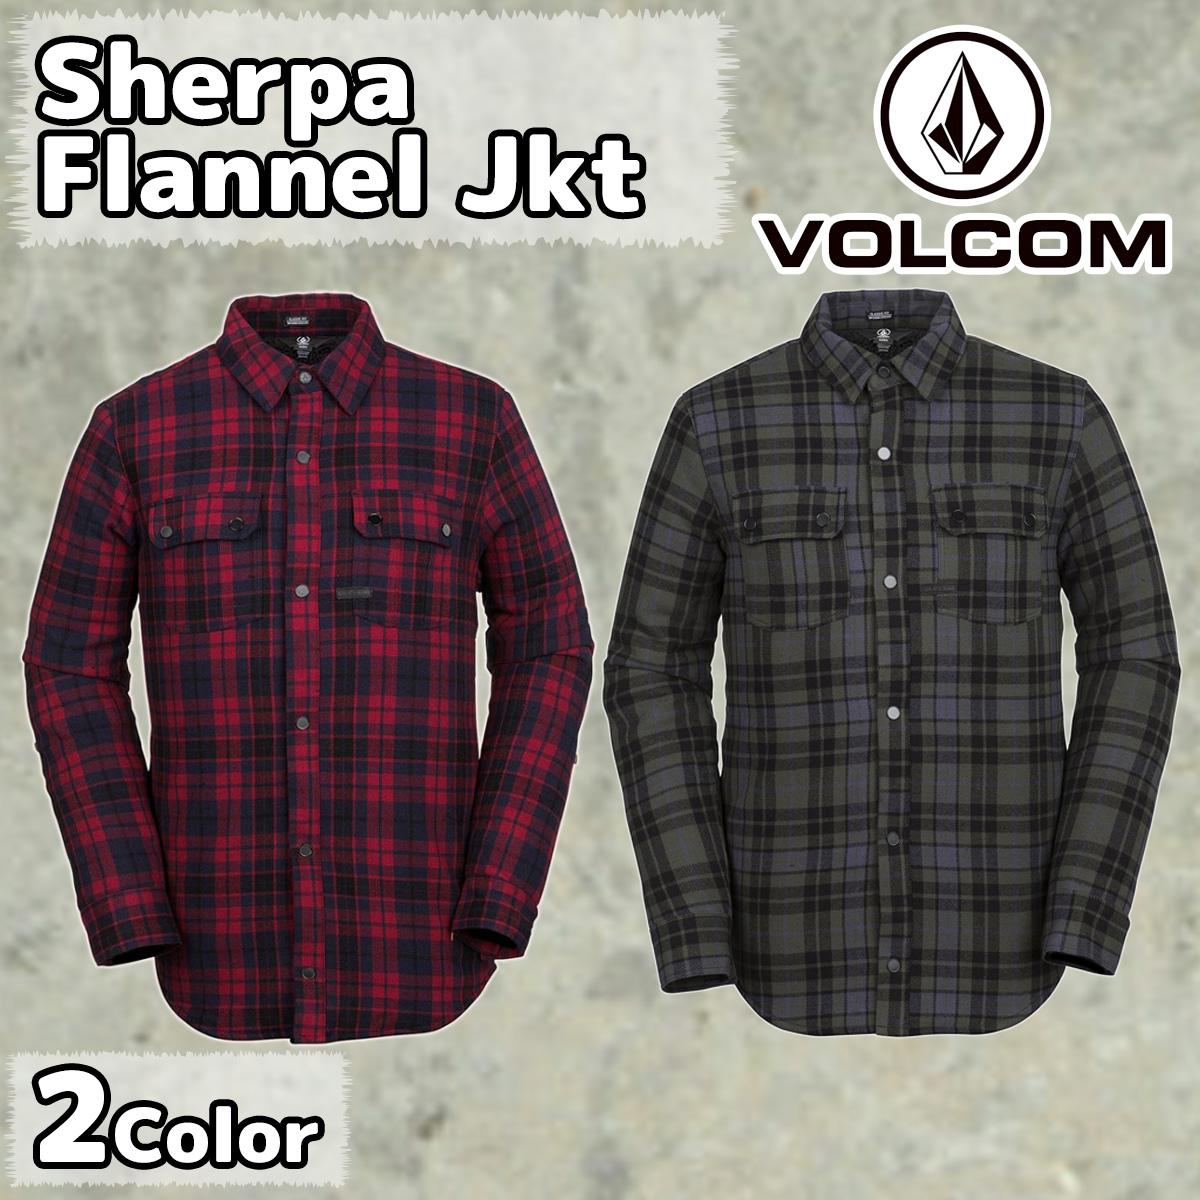 2018年 【VOLCOM(ボルコム)】 品番:G0151903 Sherpa Flannel Jkt フランネルジャケット 日本正規品 即日出荷